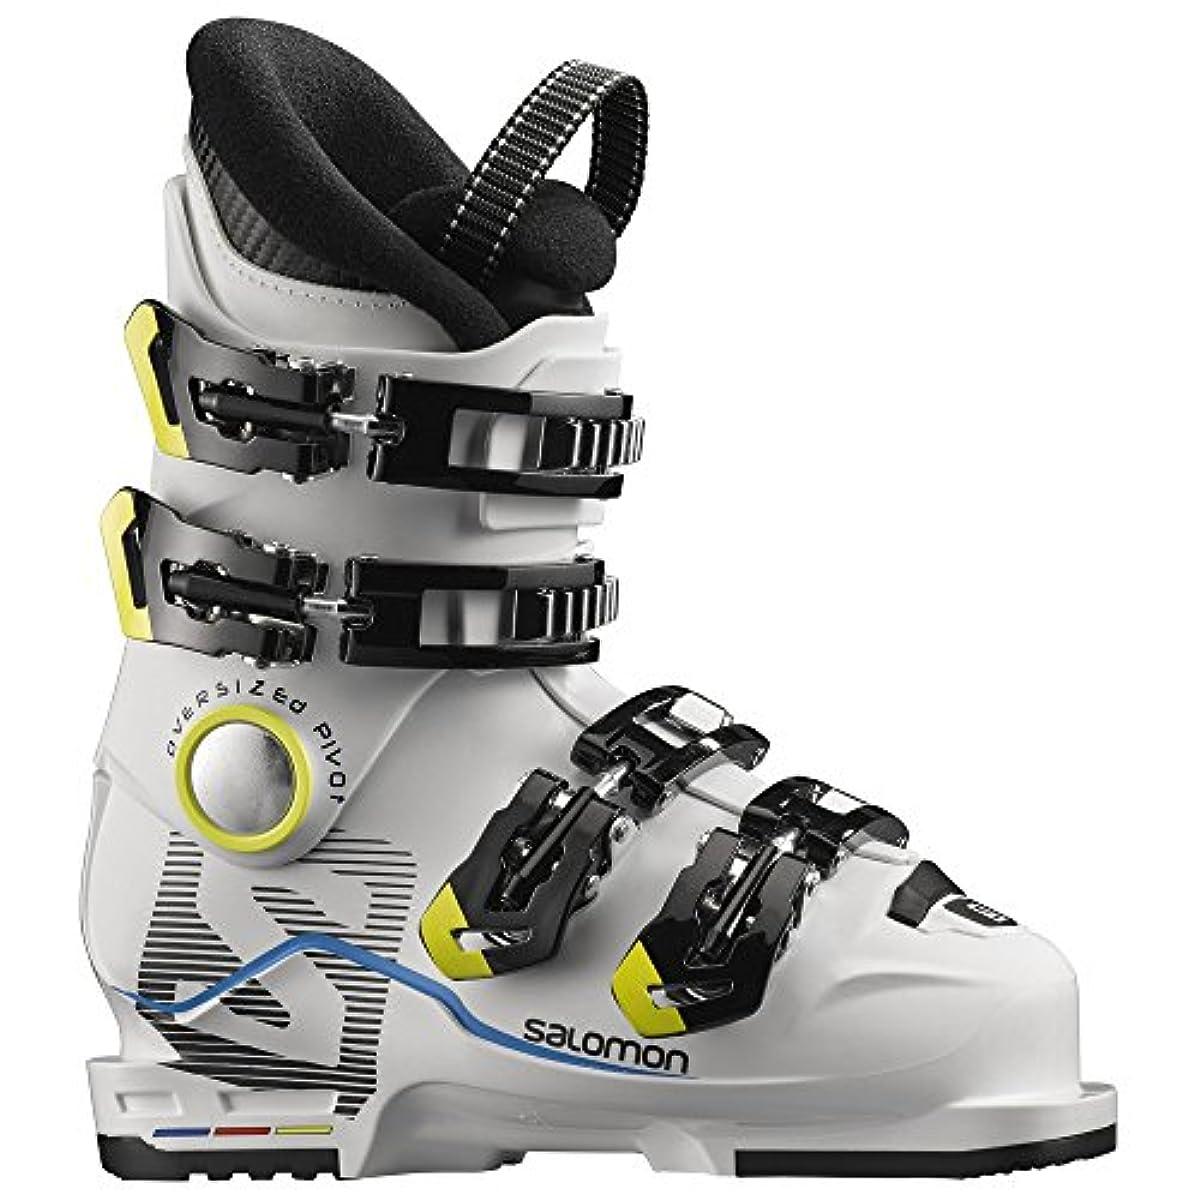 [해외] 살로몬SALOMON 스키화 쥬니어 X MAX 60T 2017-18년 모델 L39441400